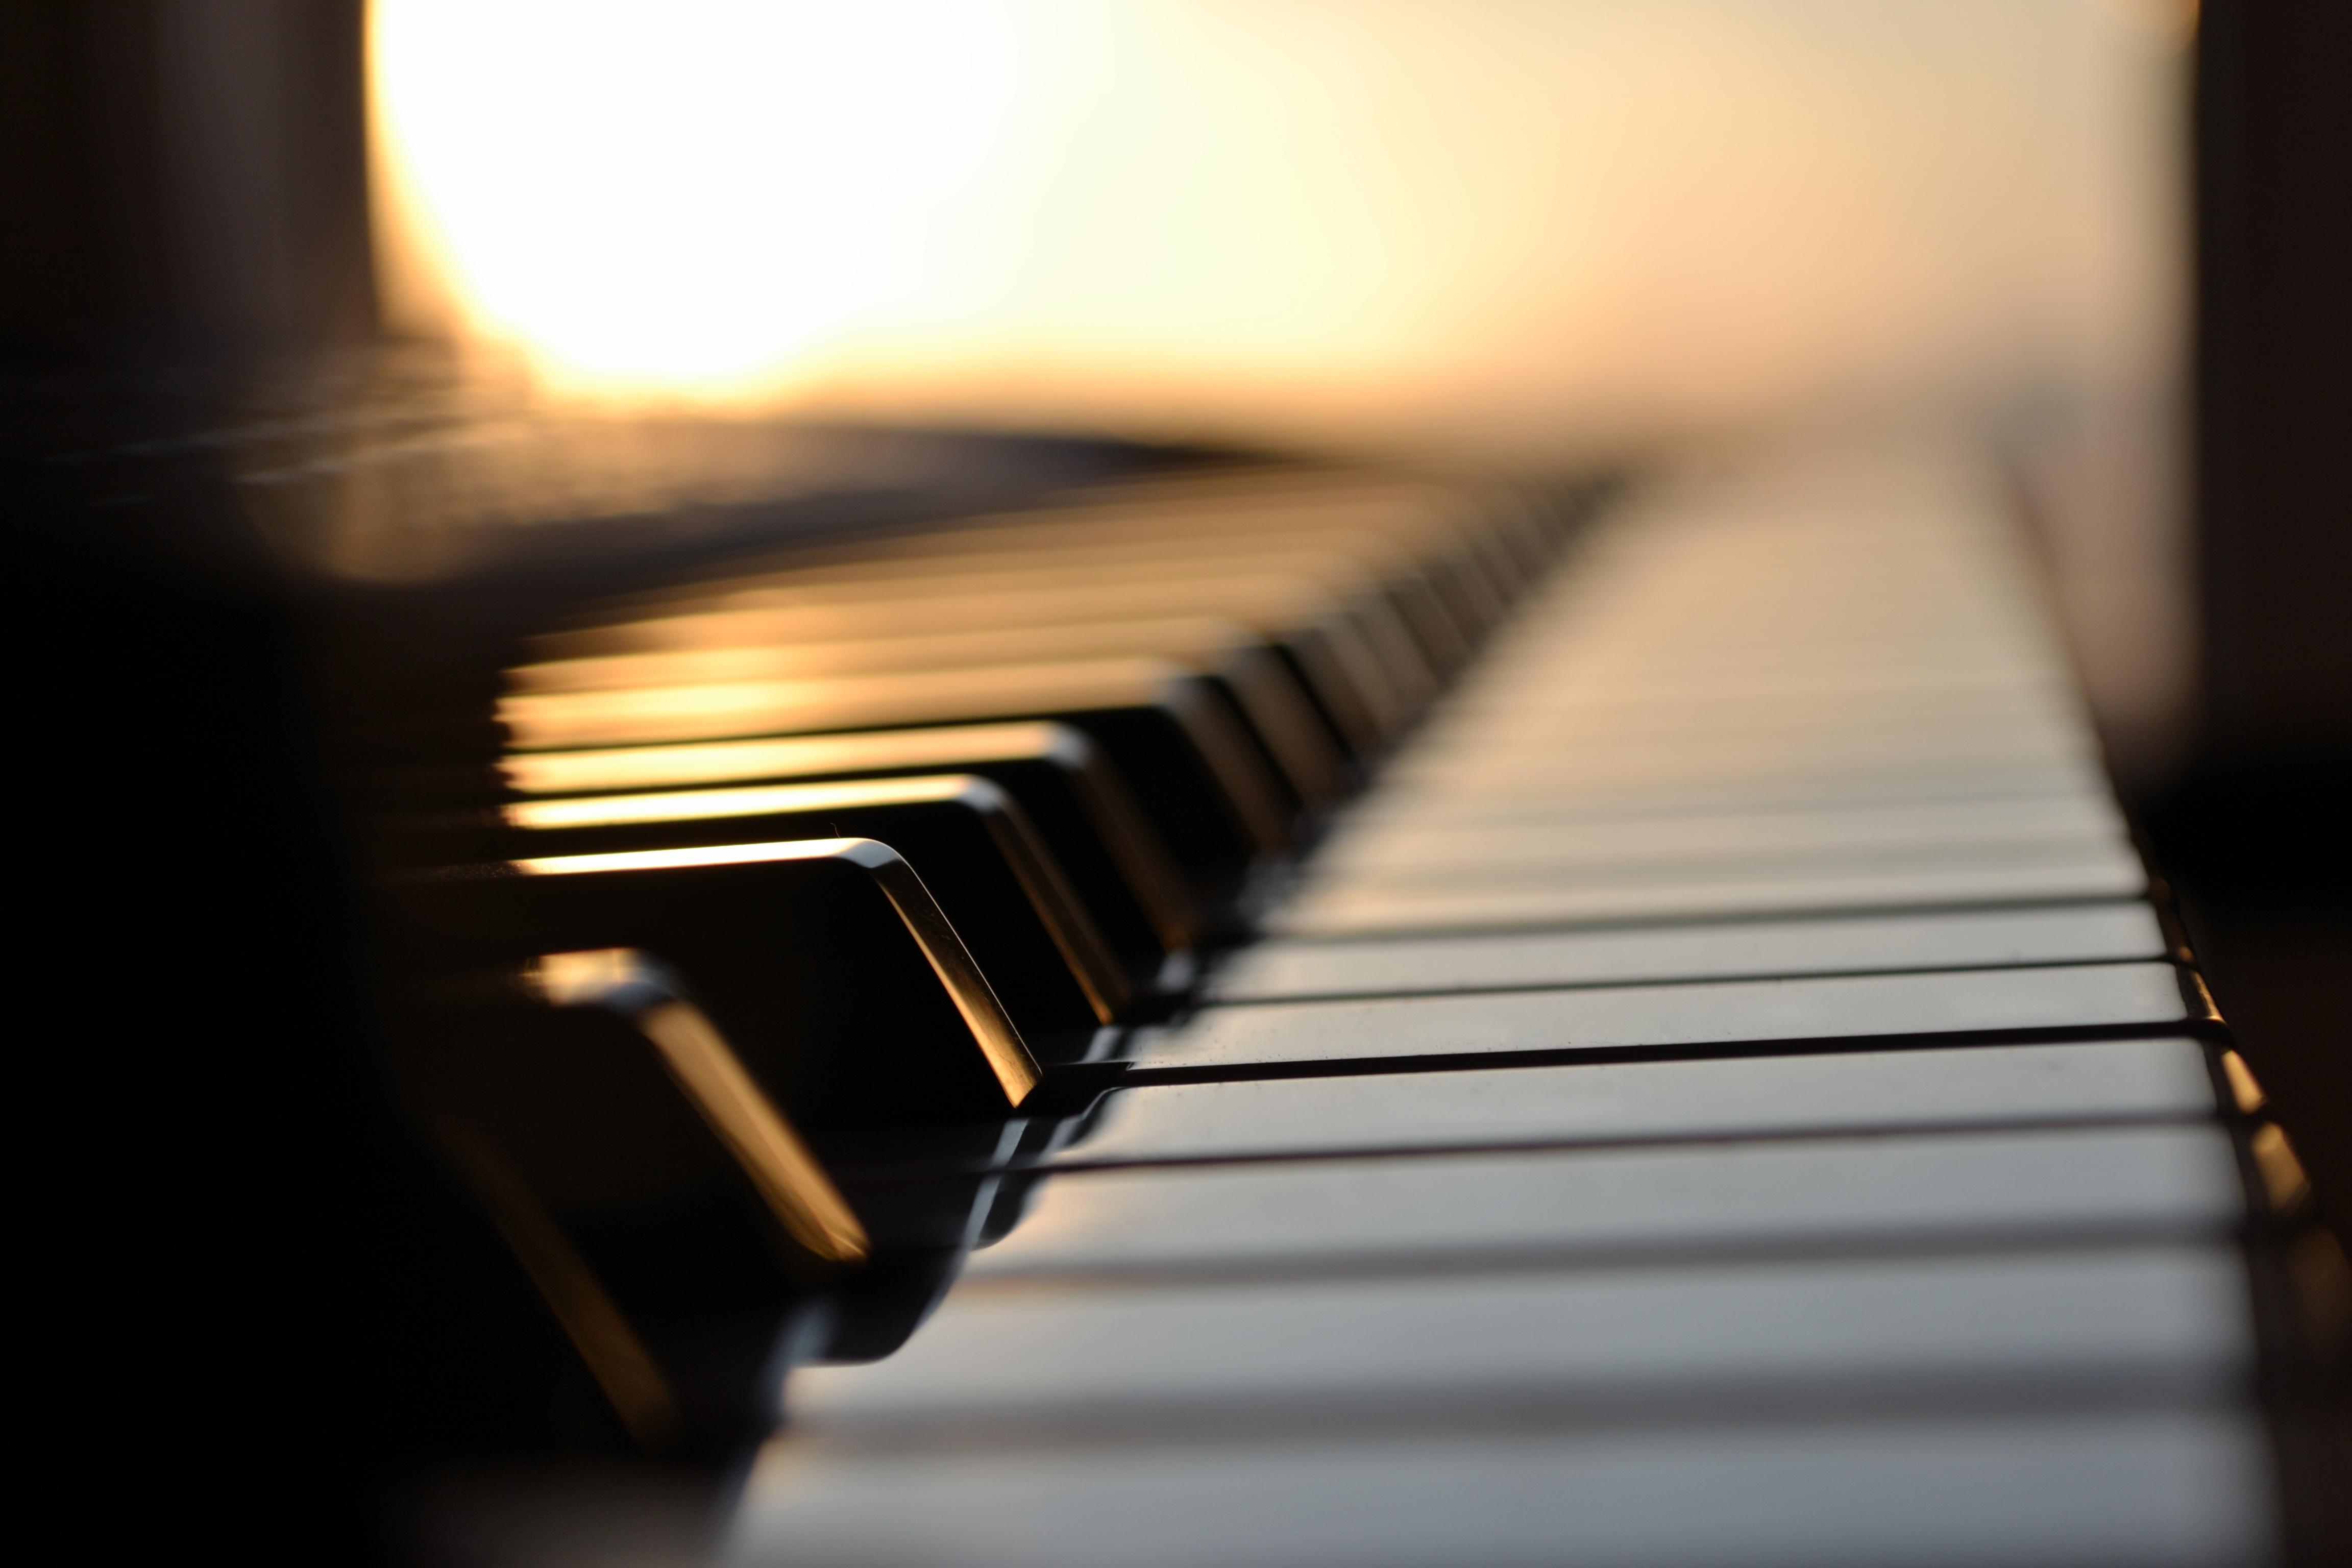 Vers Talence, Marrouat Daniel propose des cours de piano à son